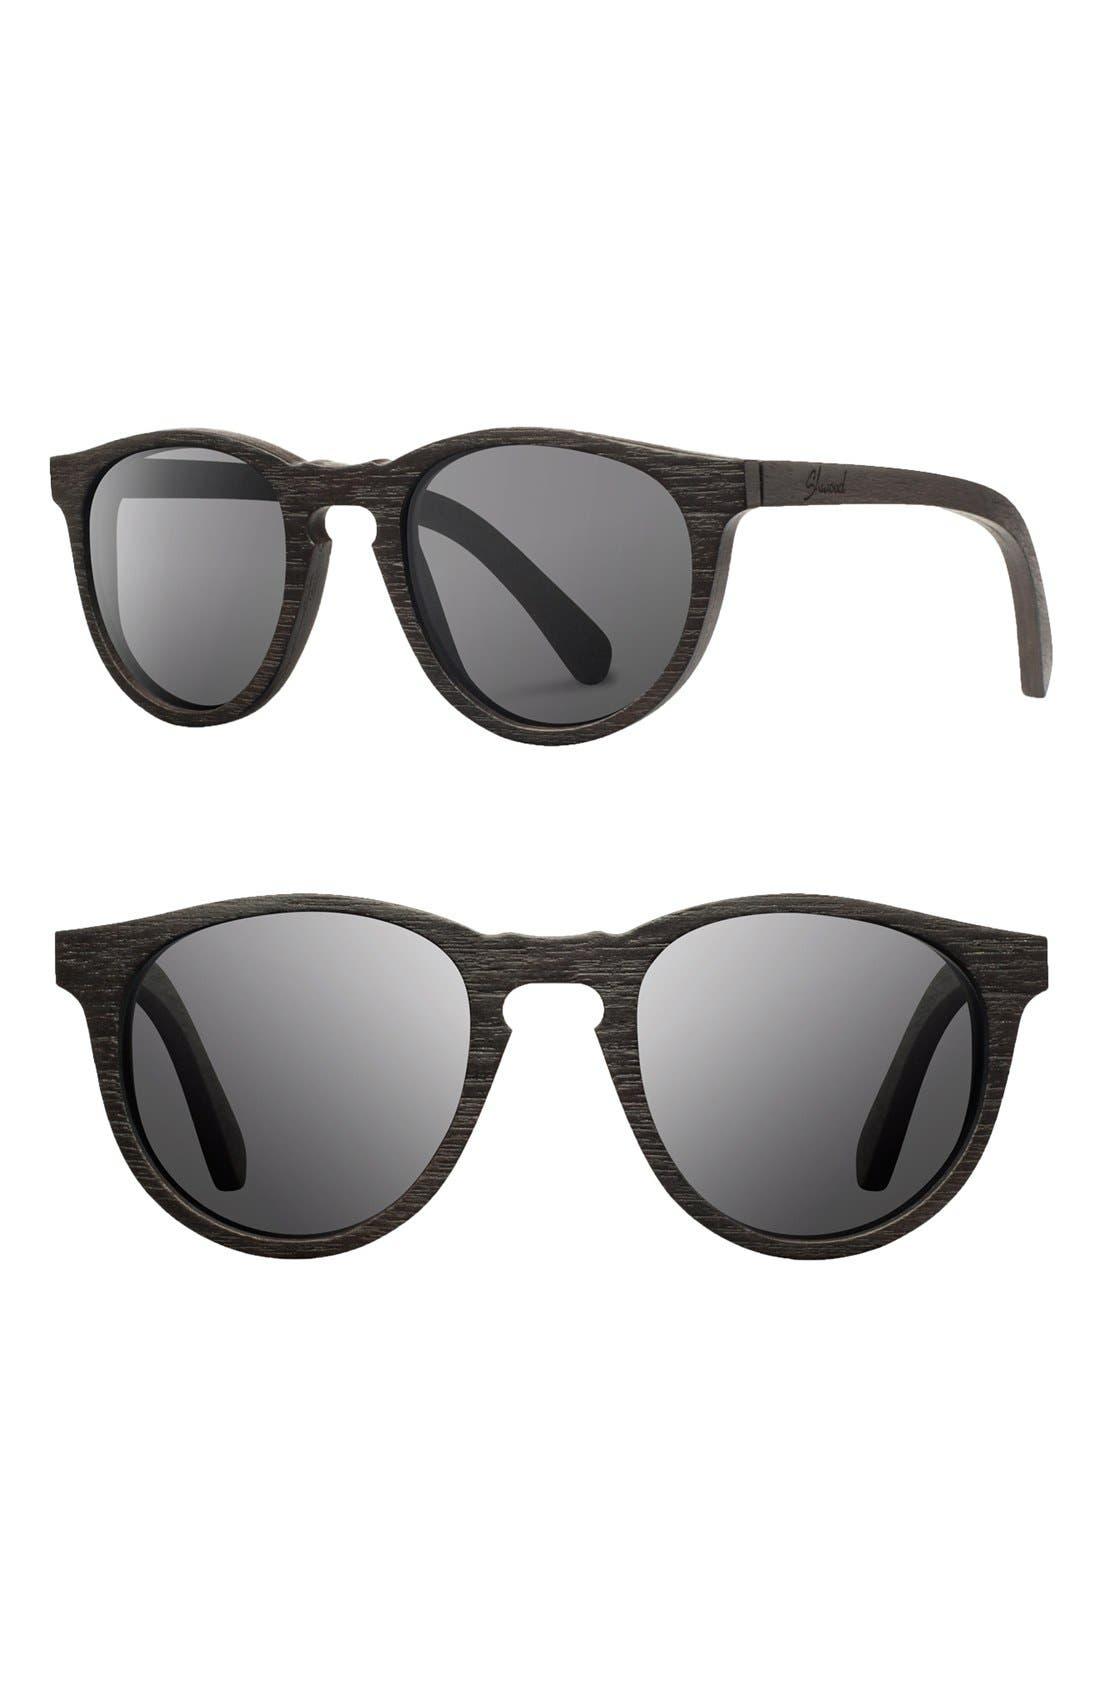 Shwood 'Belmont' 48mm Polarized Wood Sunglasses